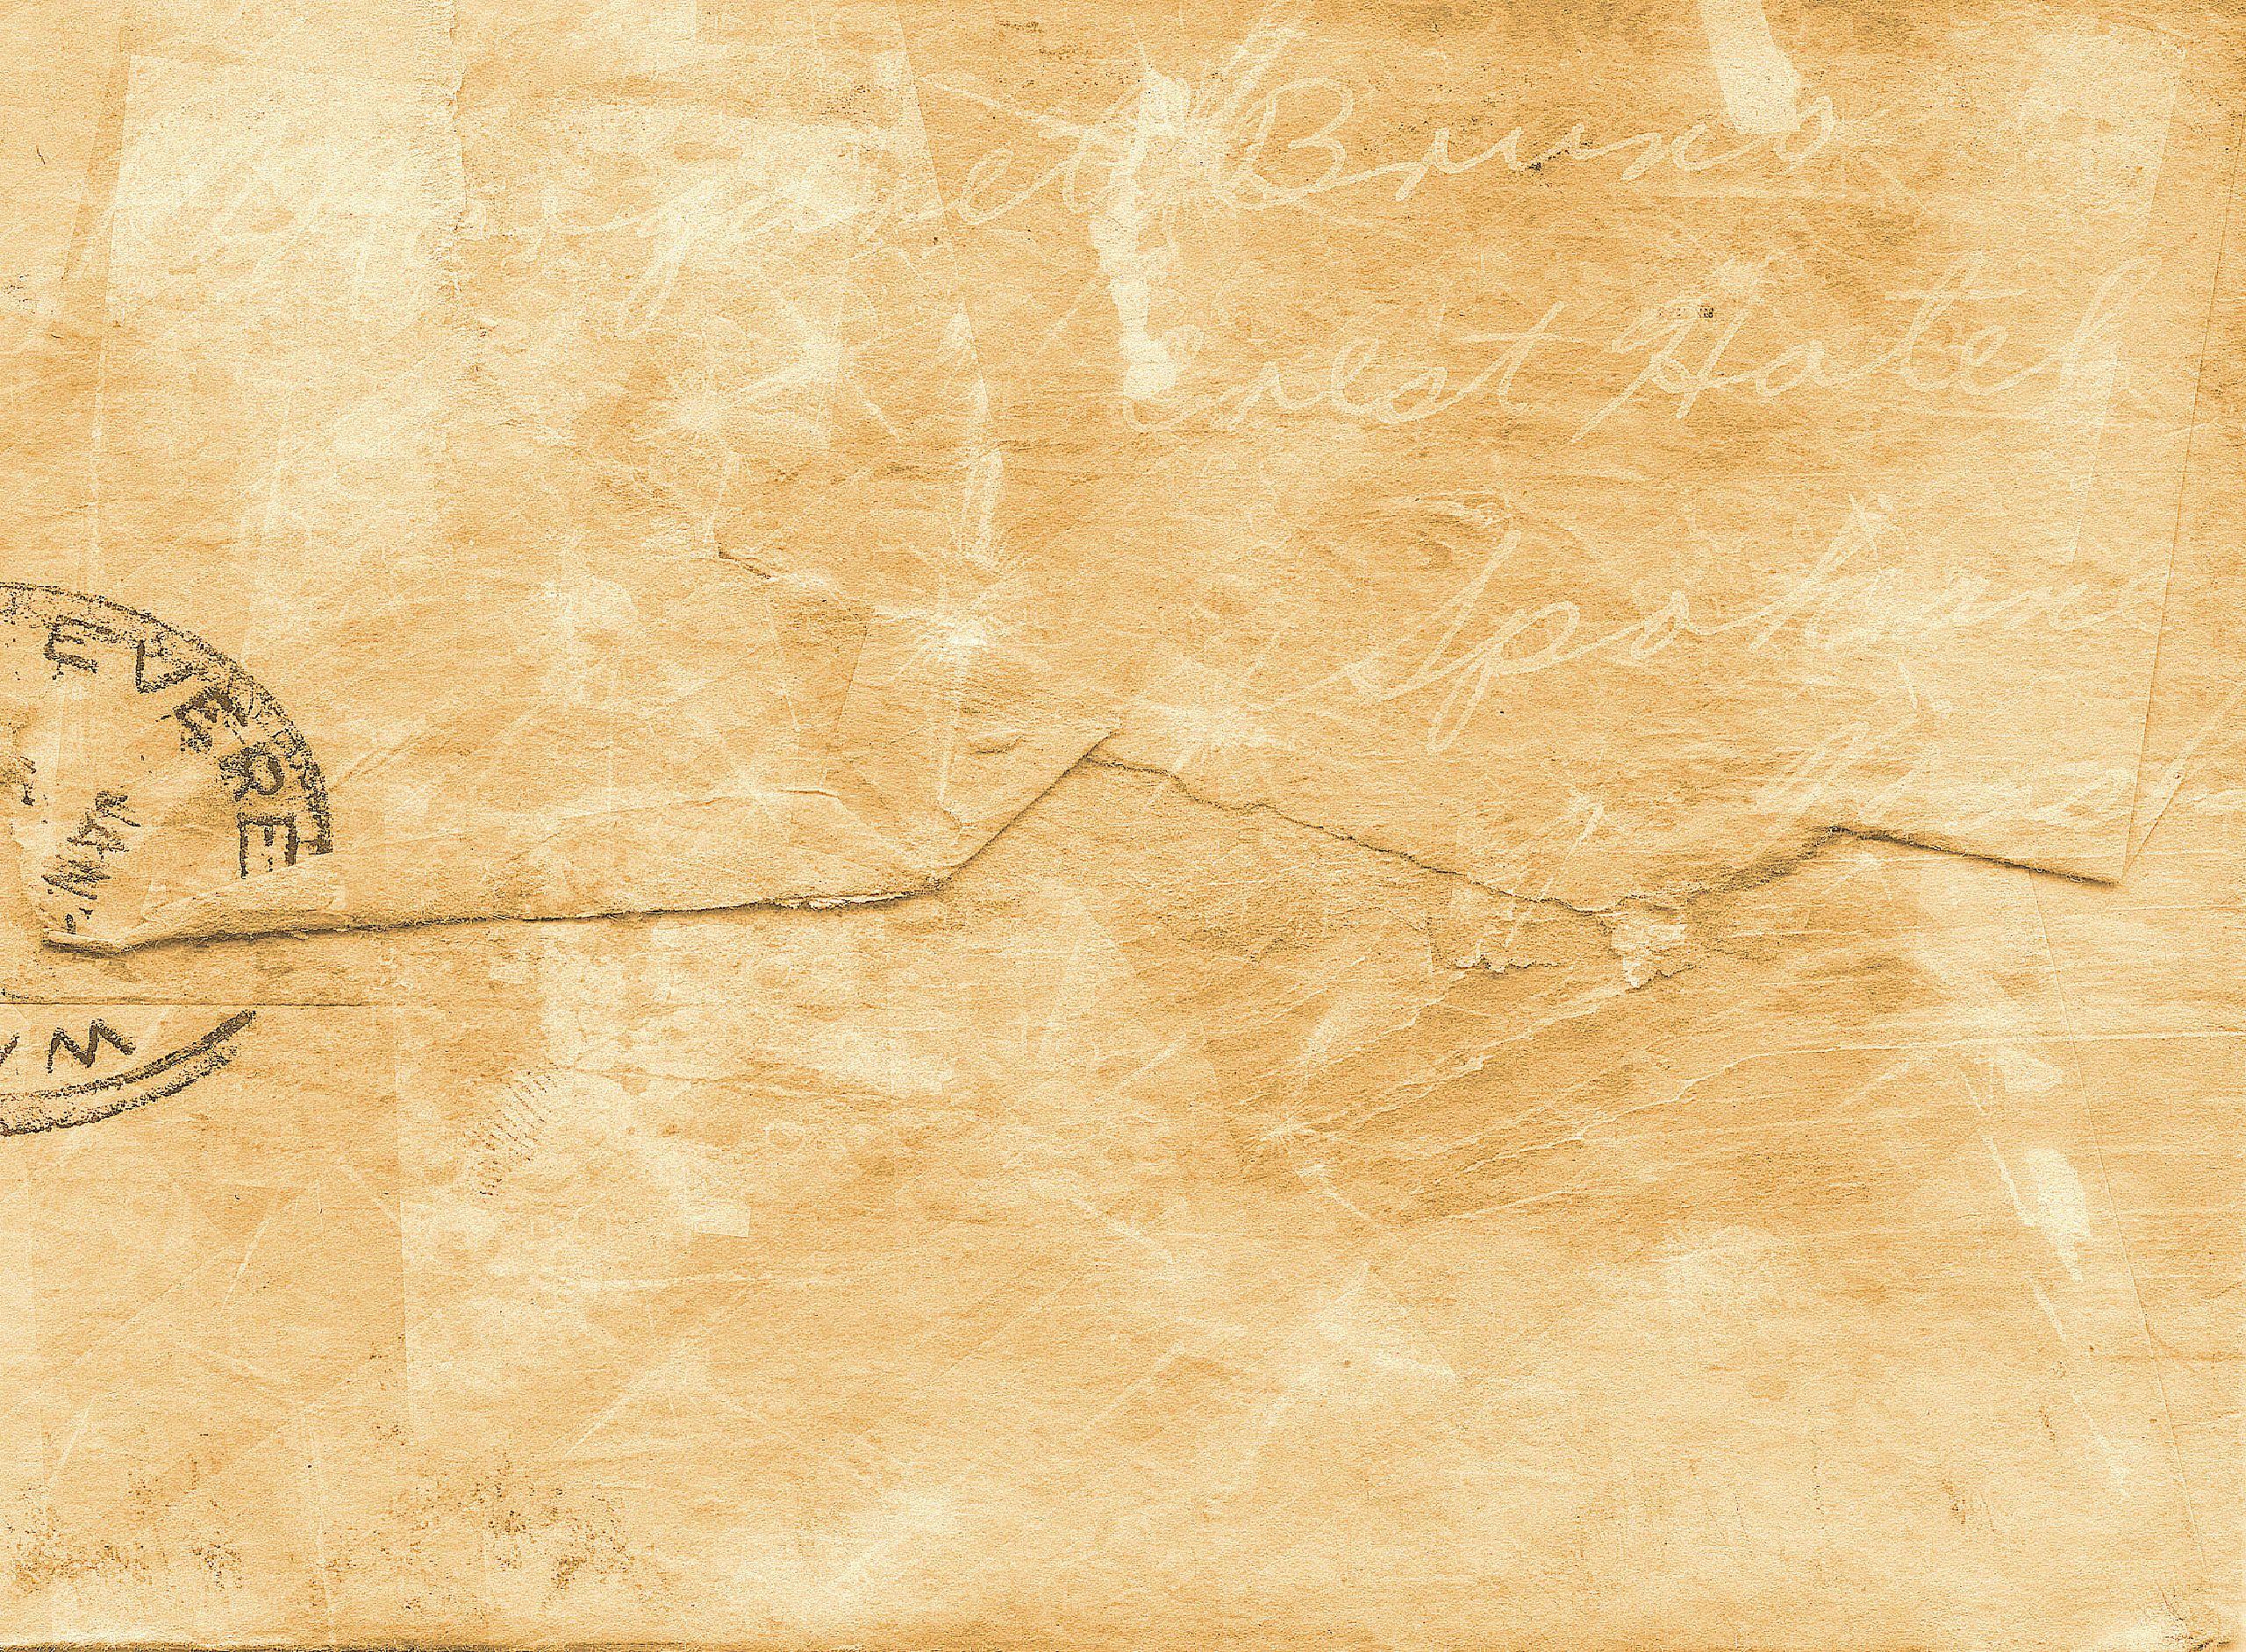 Письмо фон картинка